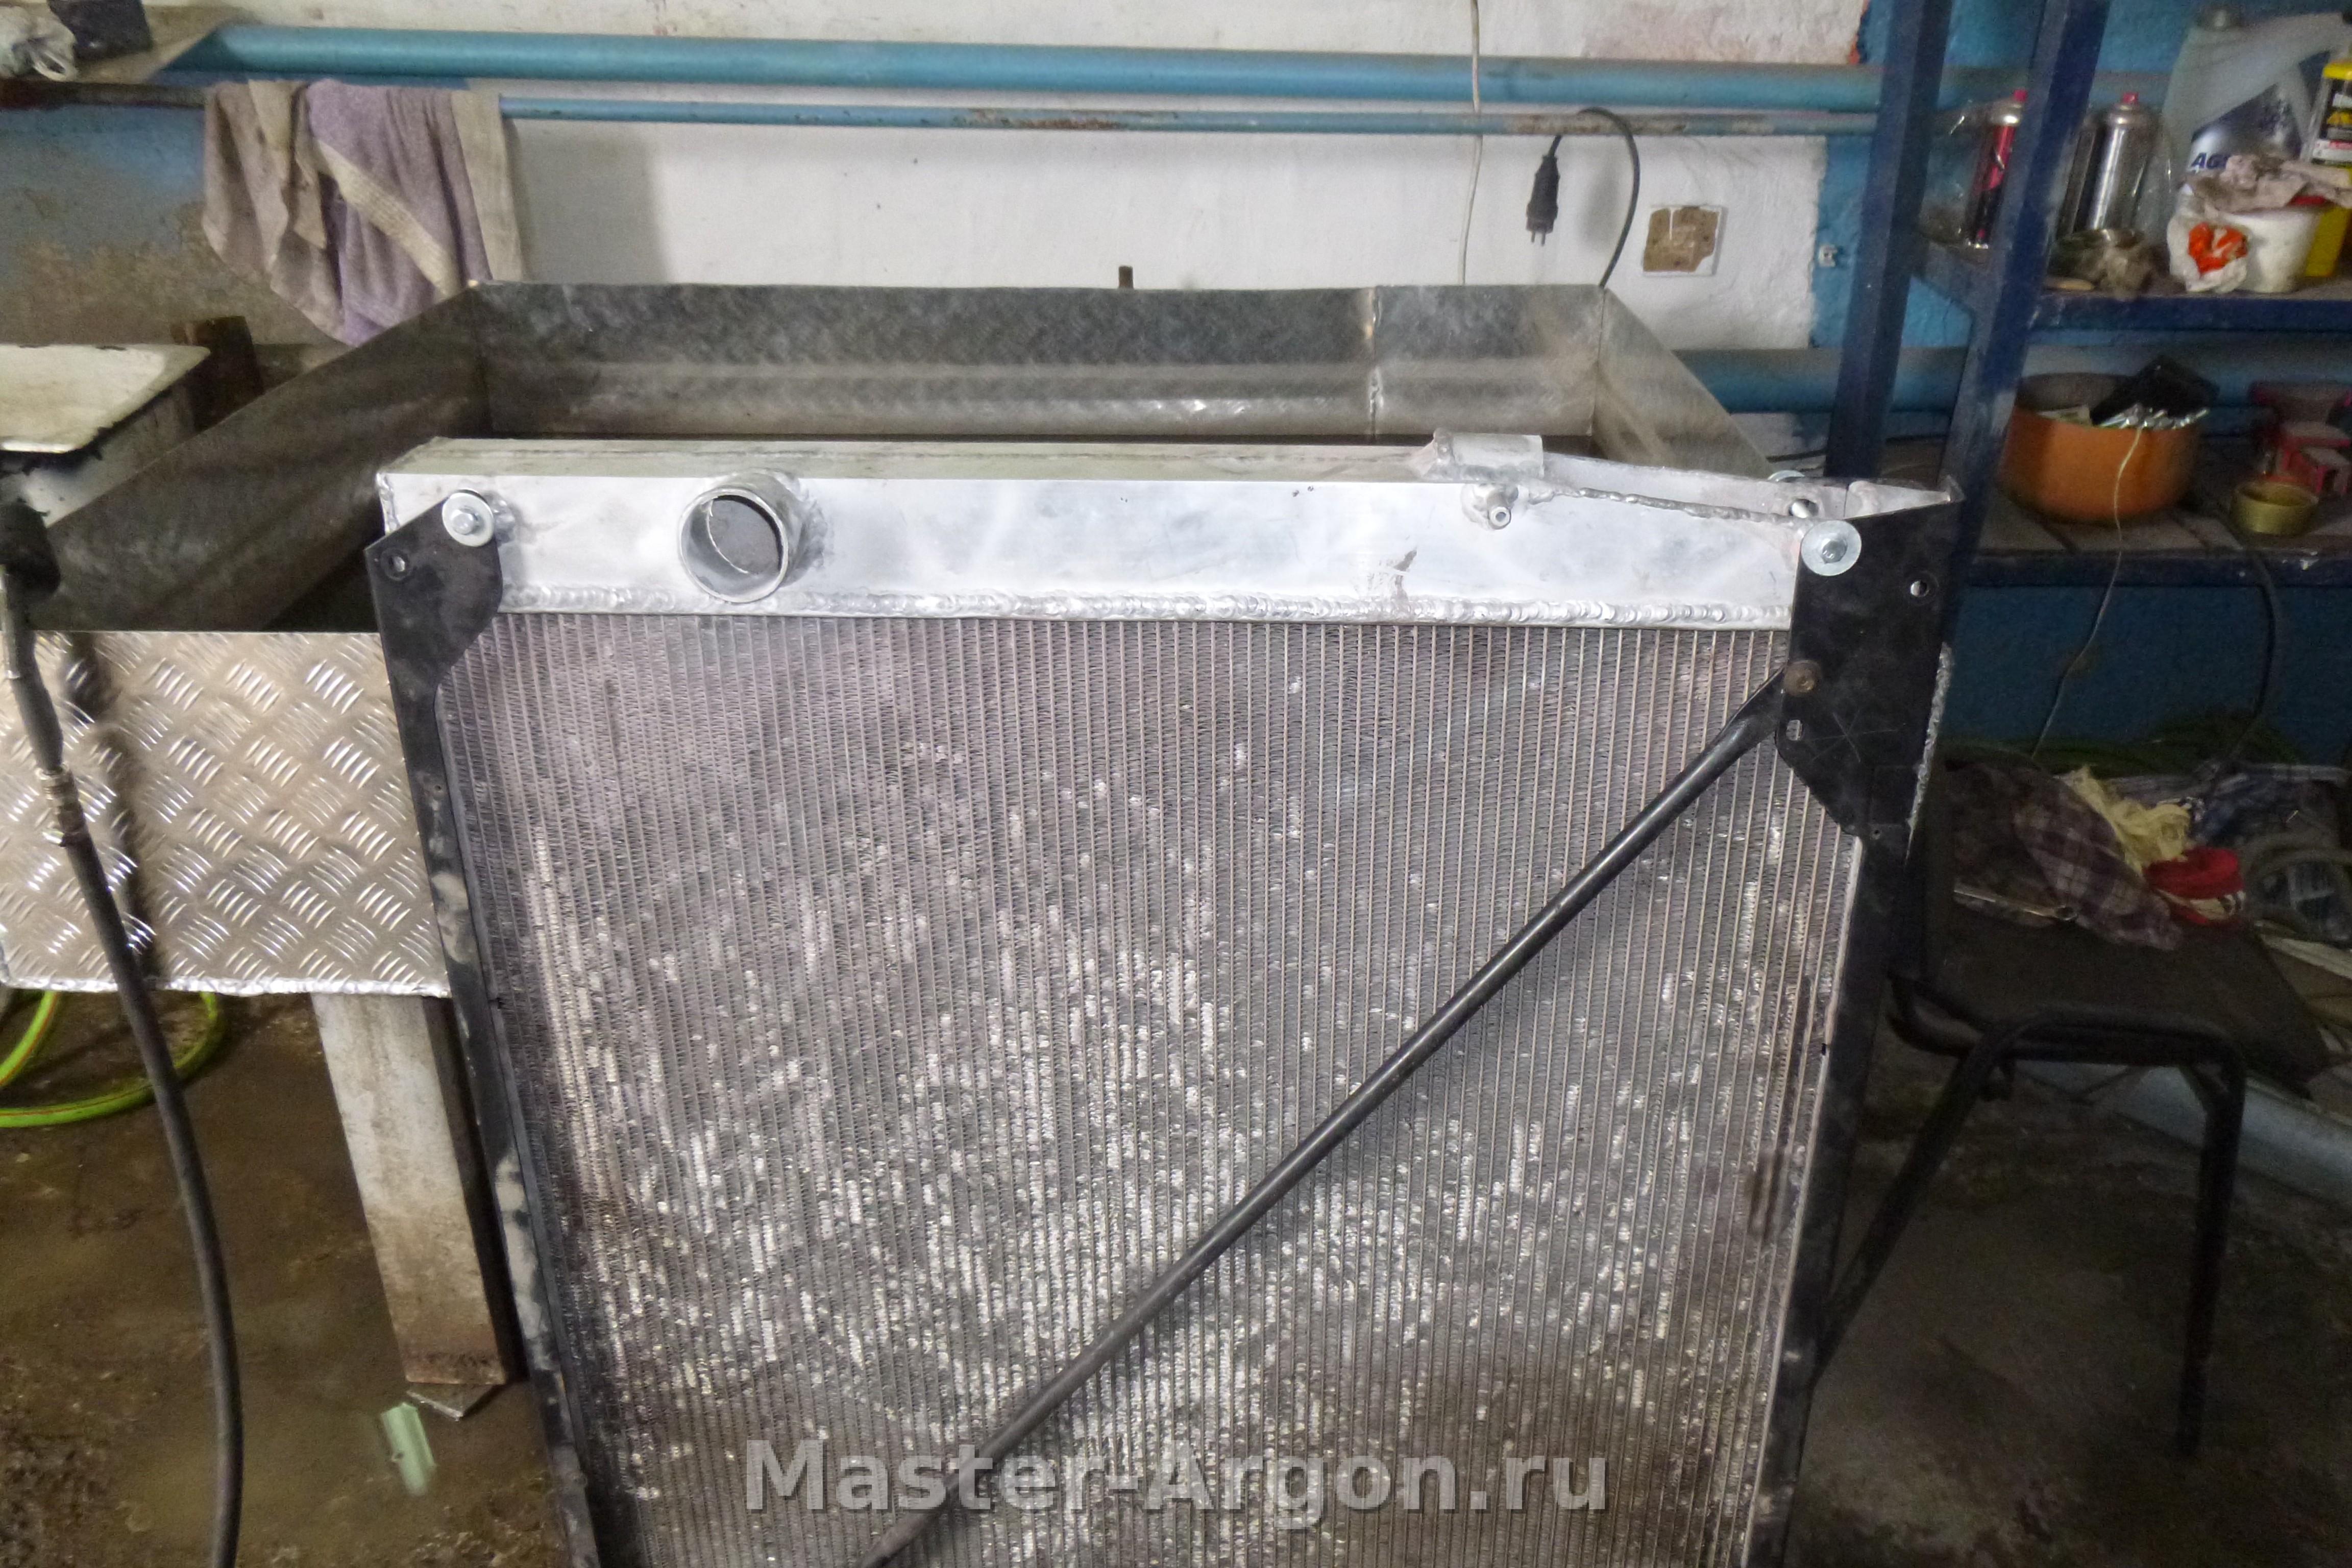 Ремонт алюминиевого радиатора автомобиля 61